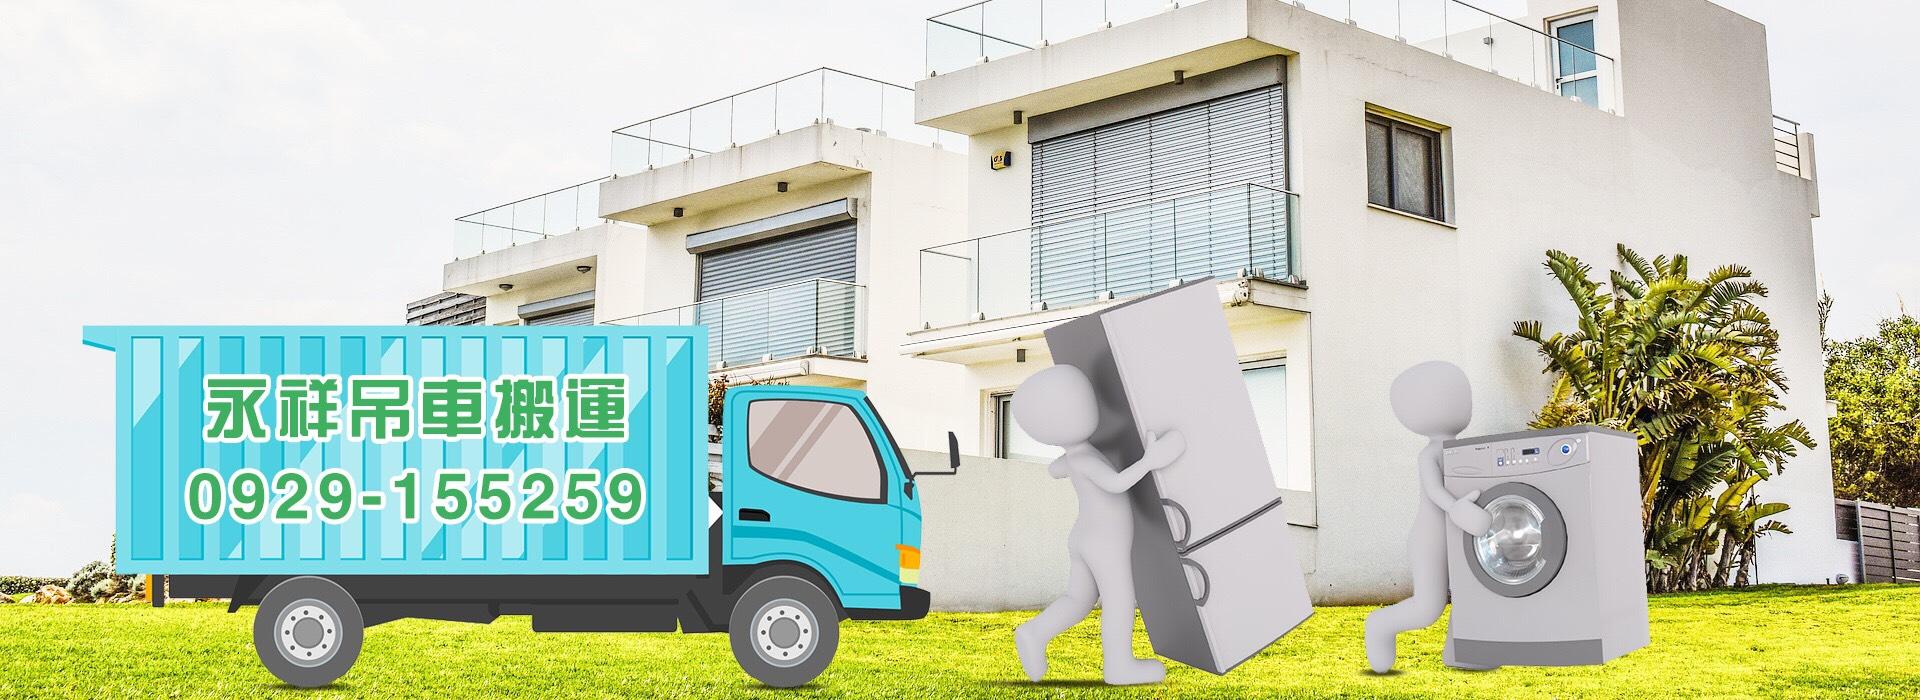 搬家公司 屏東搬家,屏東搬家公司-平價的永祥高雄搬家公司現在搬家就送紙箱!